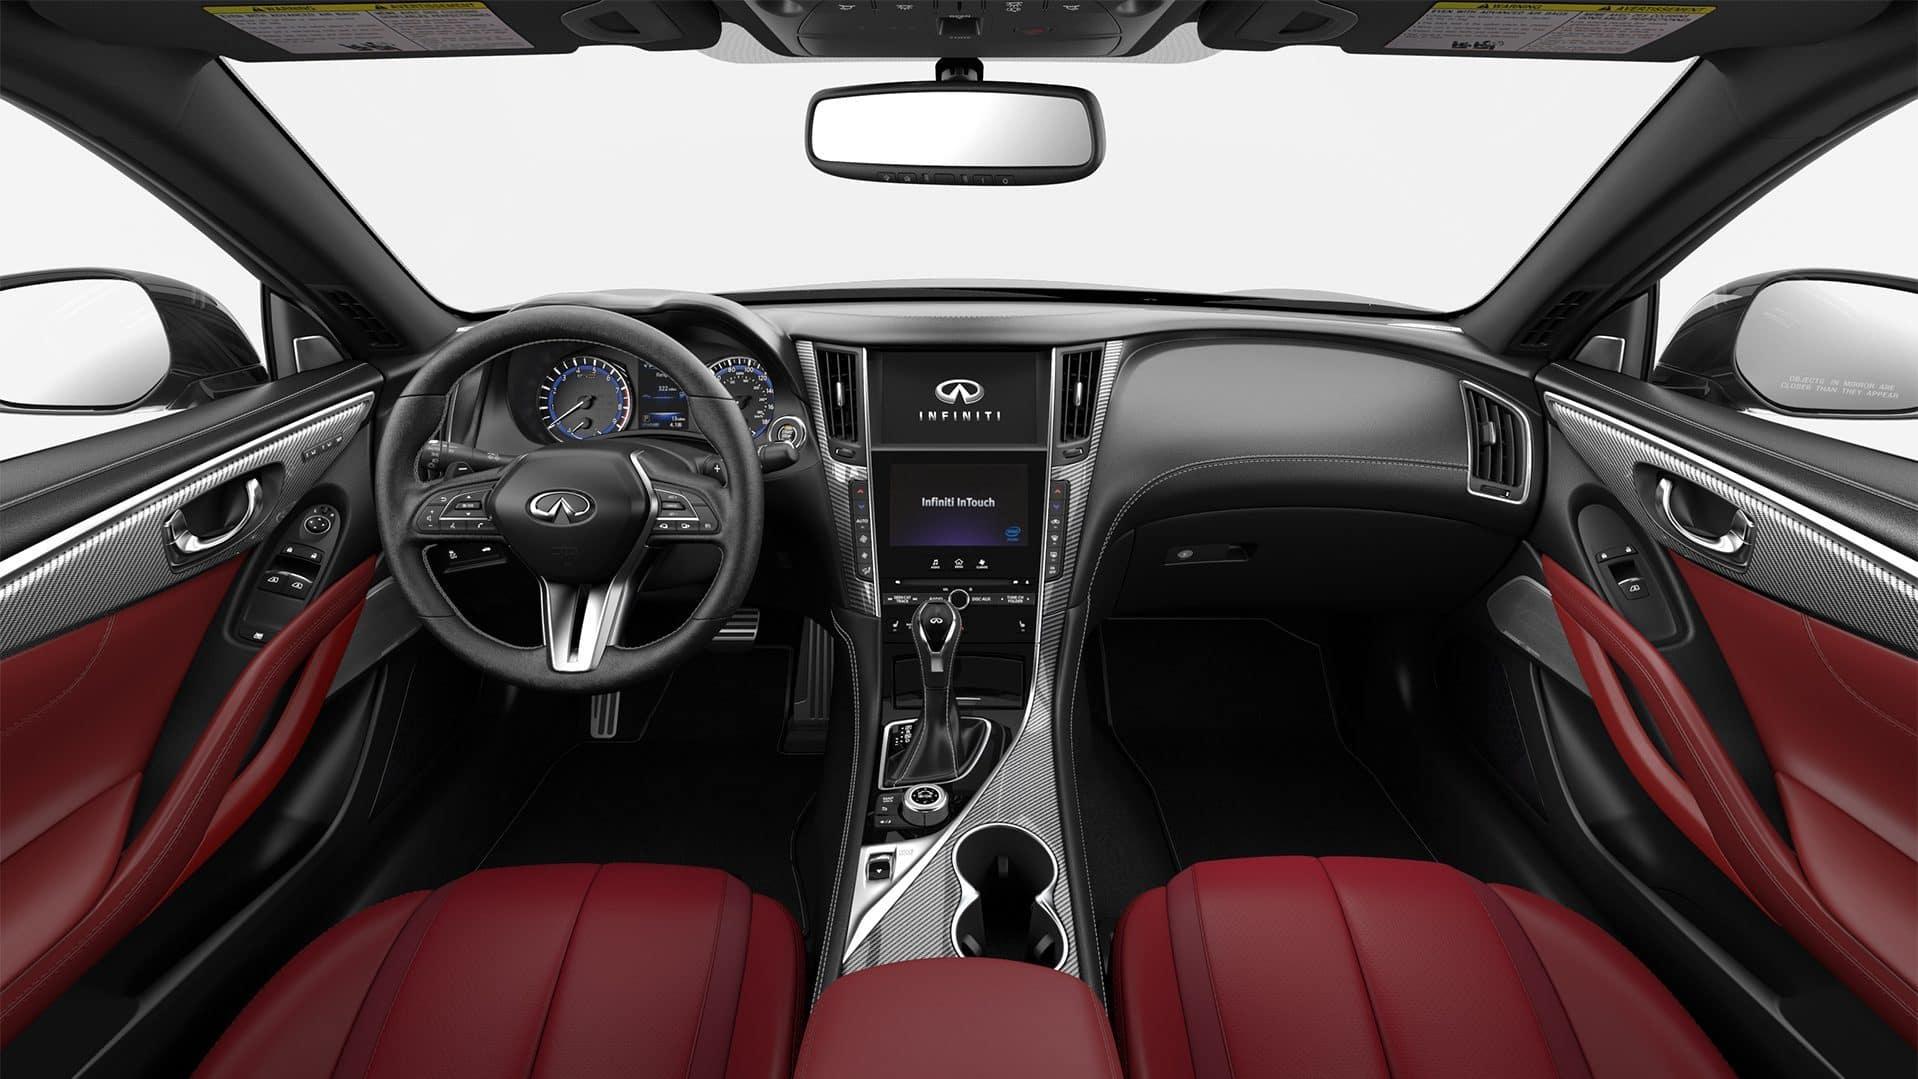 2019-infiniti-q60-coupe-red-interior